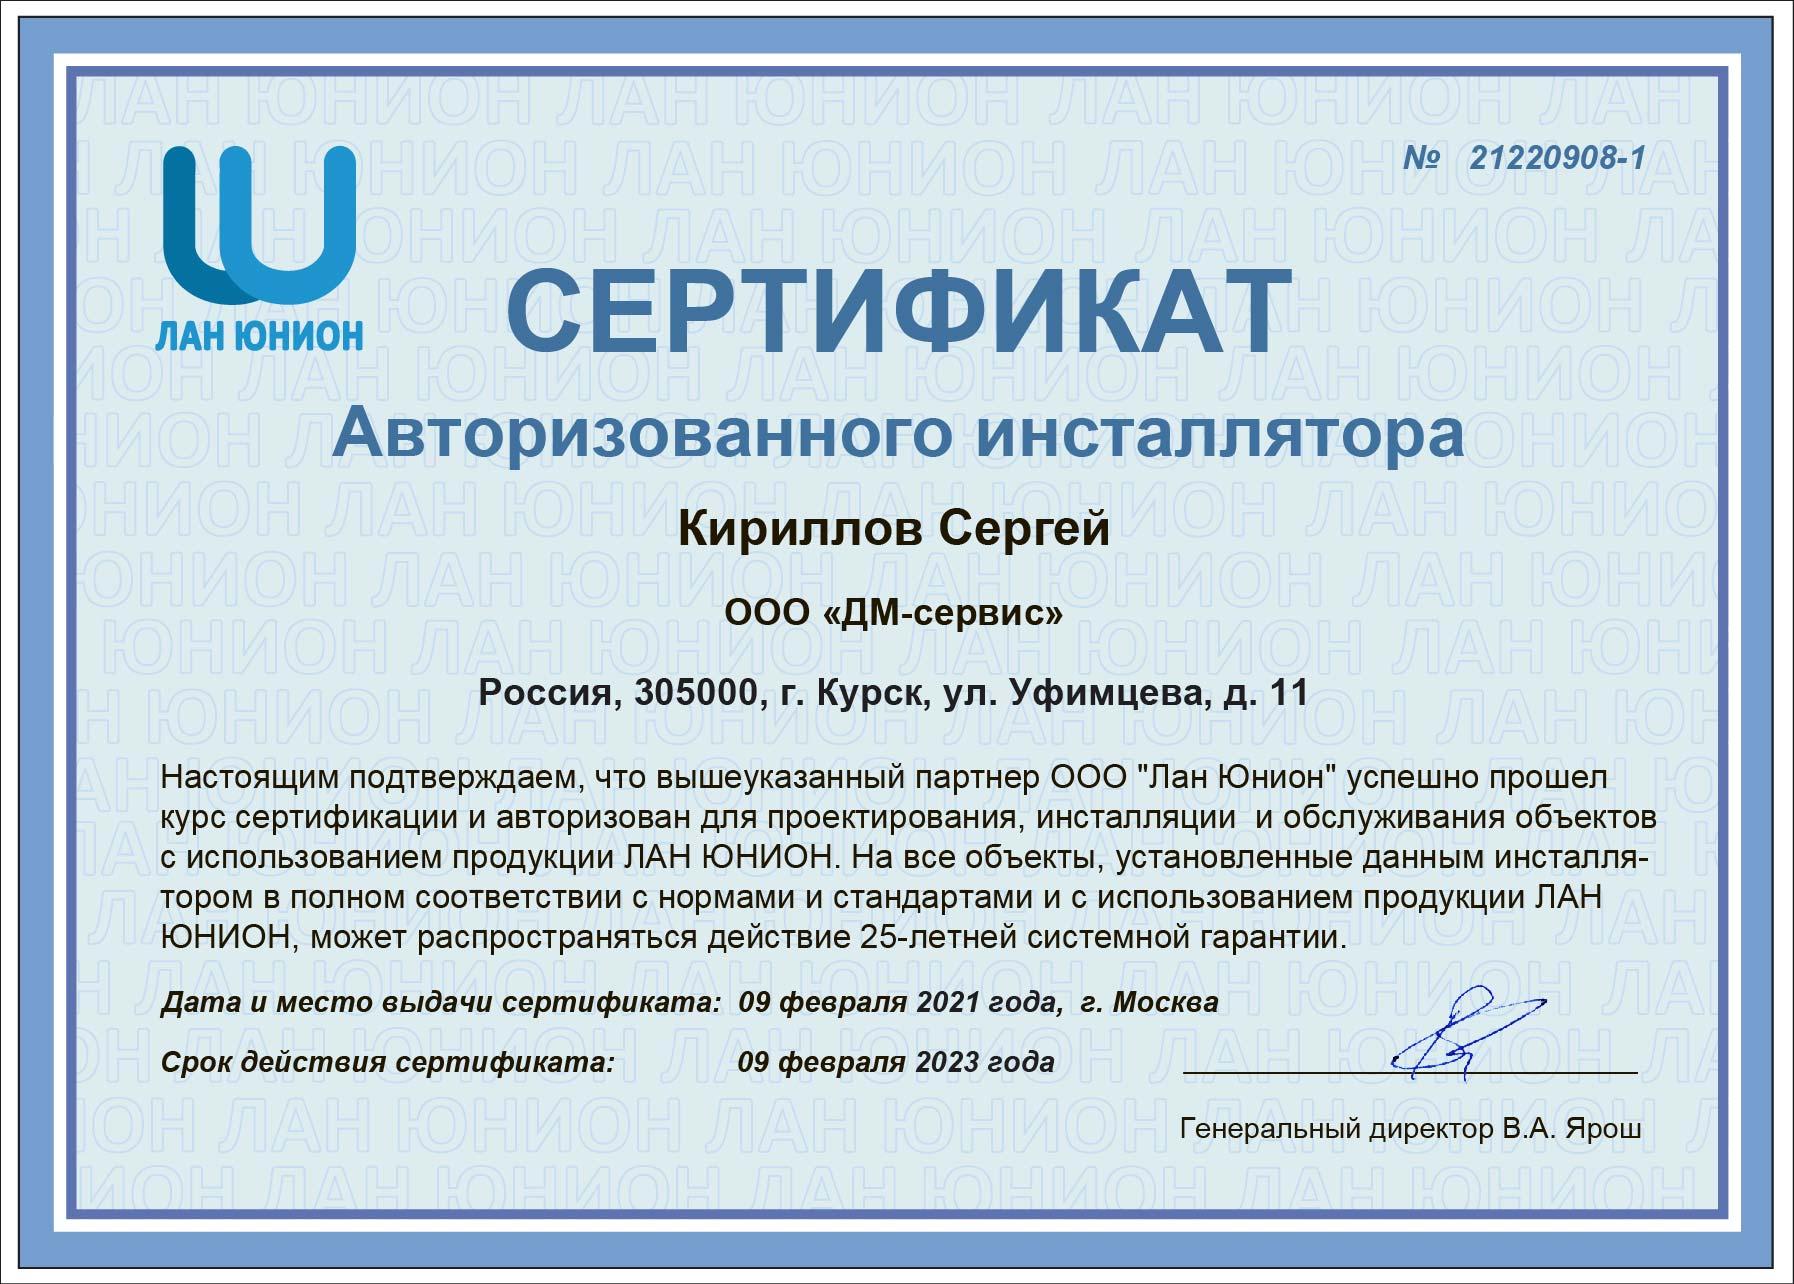 21220908-1 Кириллов Сергей-01